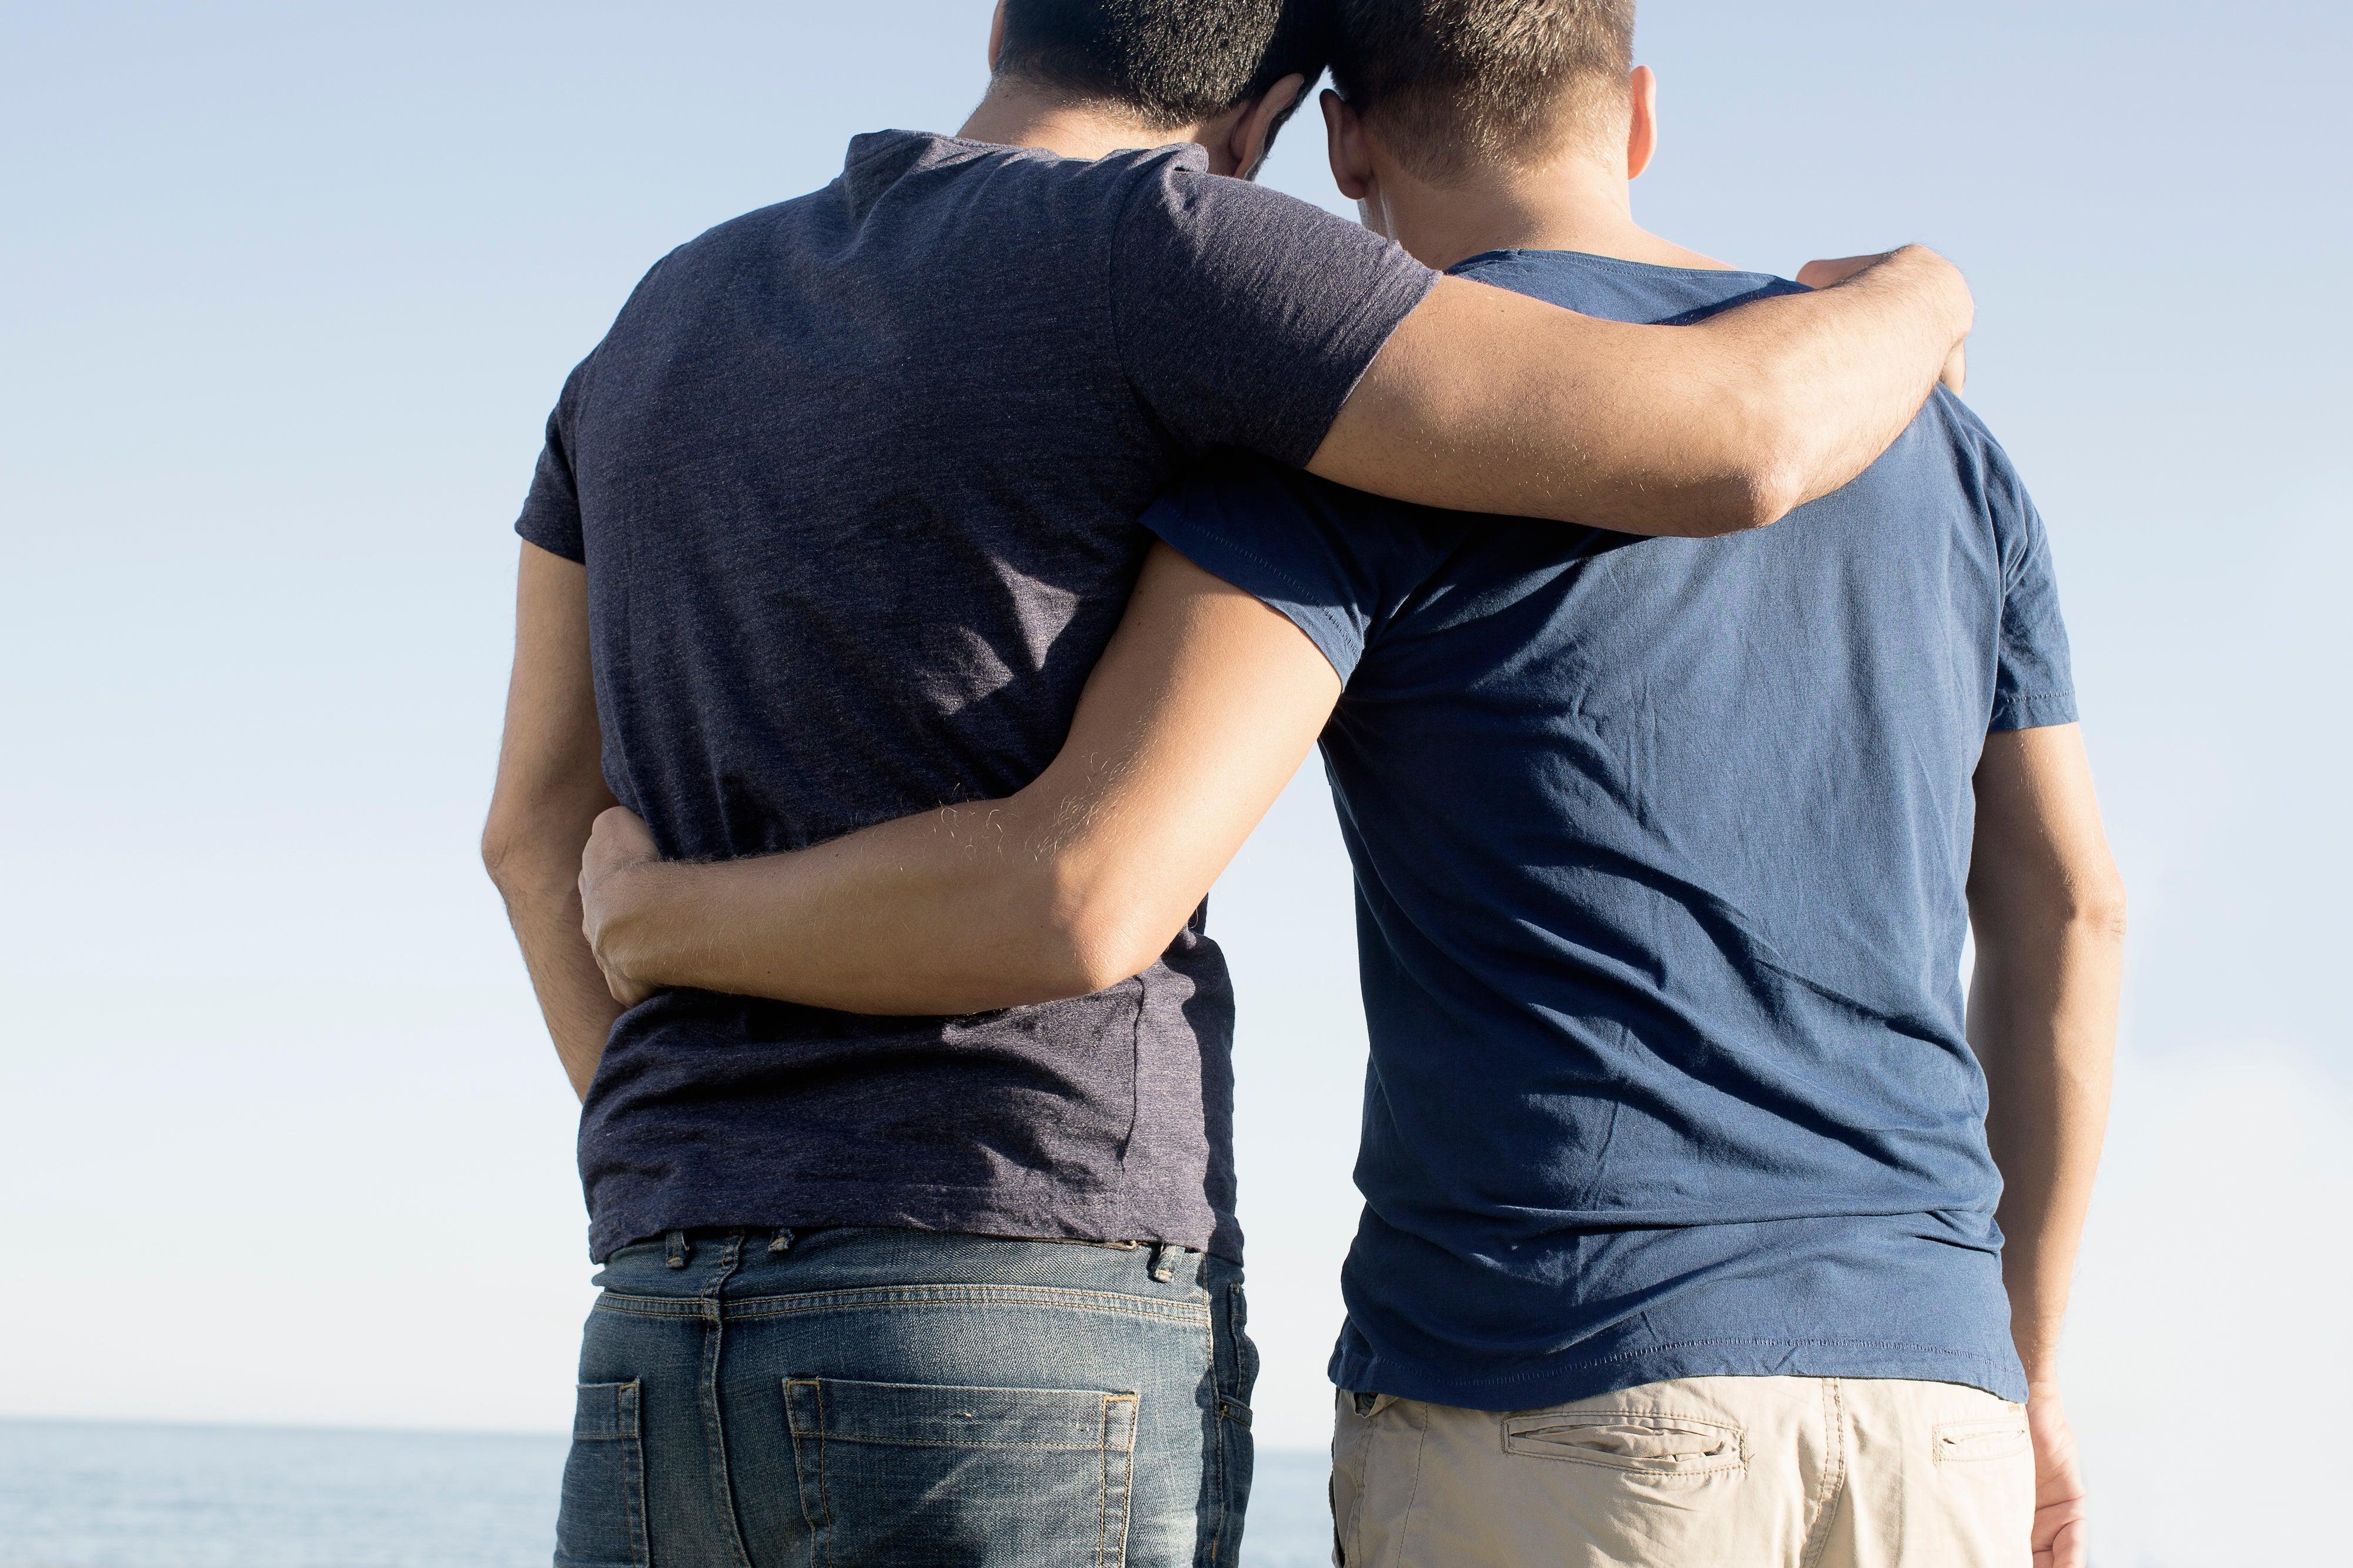 Homosexual genetic predisposition